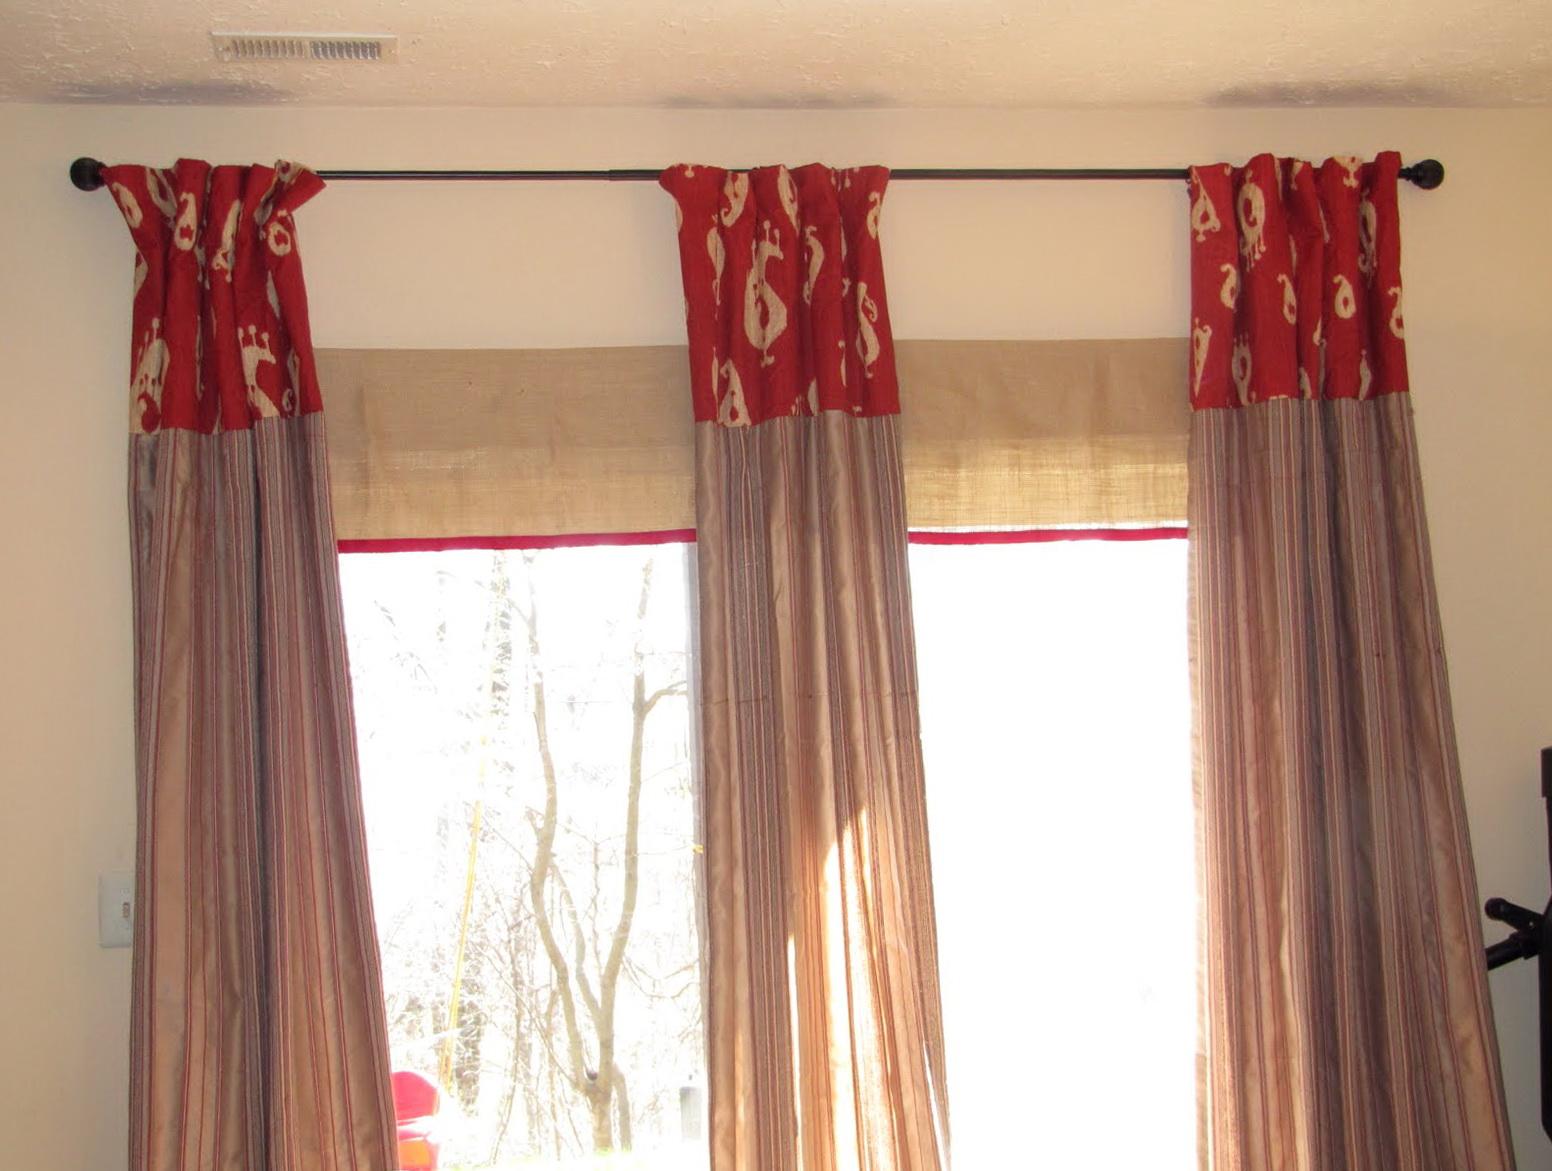 curtains or blinds for sliding doors home design ideas. Black Bedroom Furniture Sets. Home Design Ideas